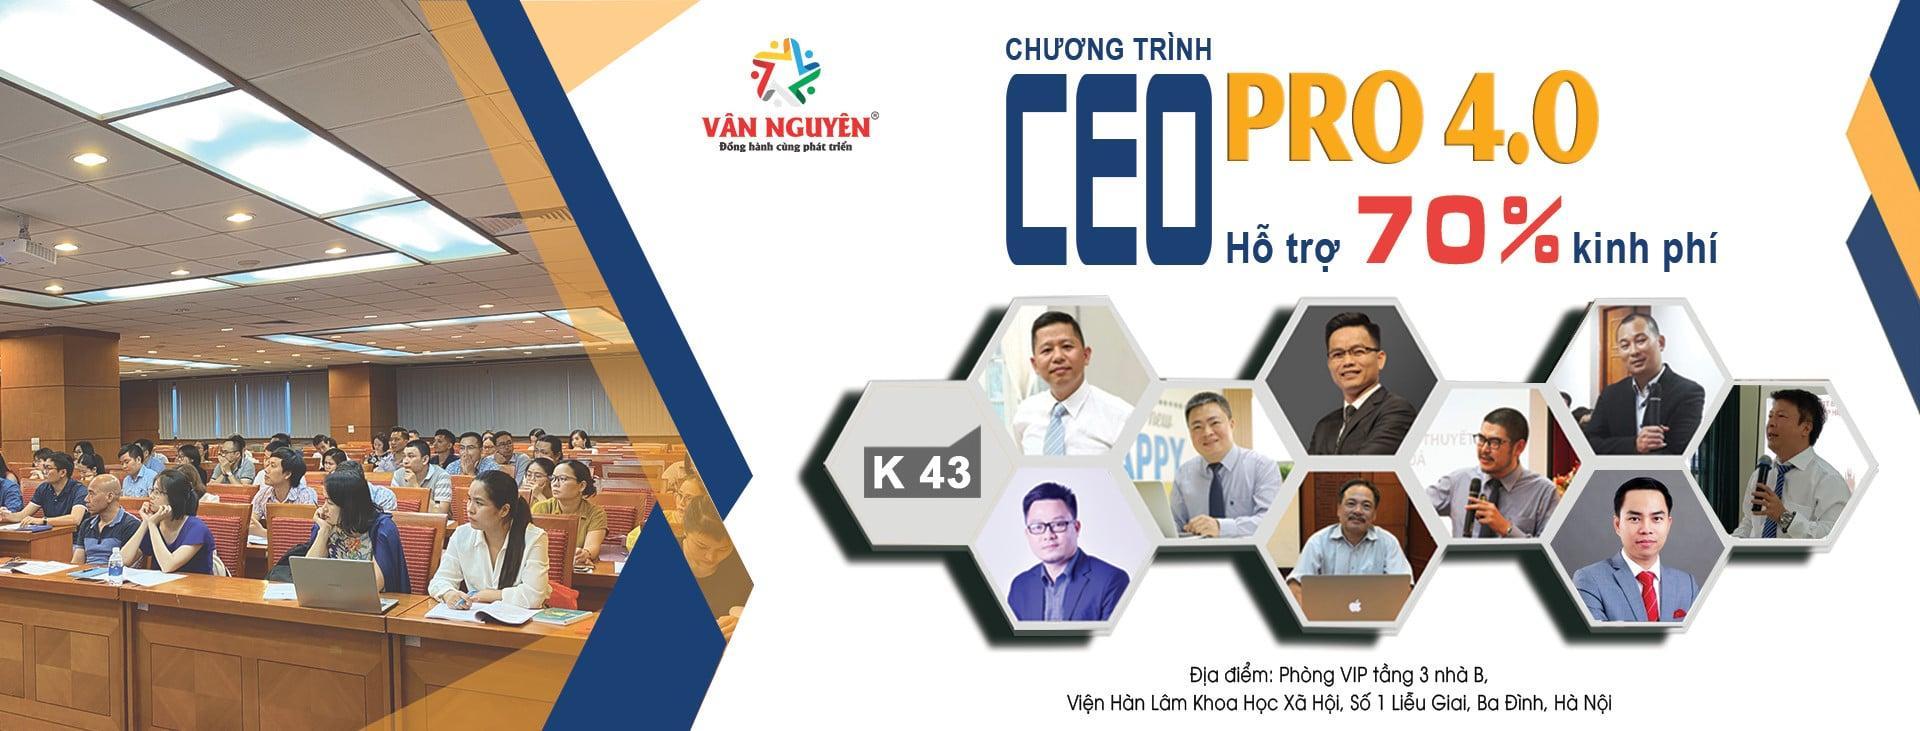 CEO PRO (K43) – Lãnh đạo sự thay đổi thích ứng với thời cuộc